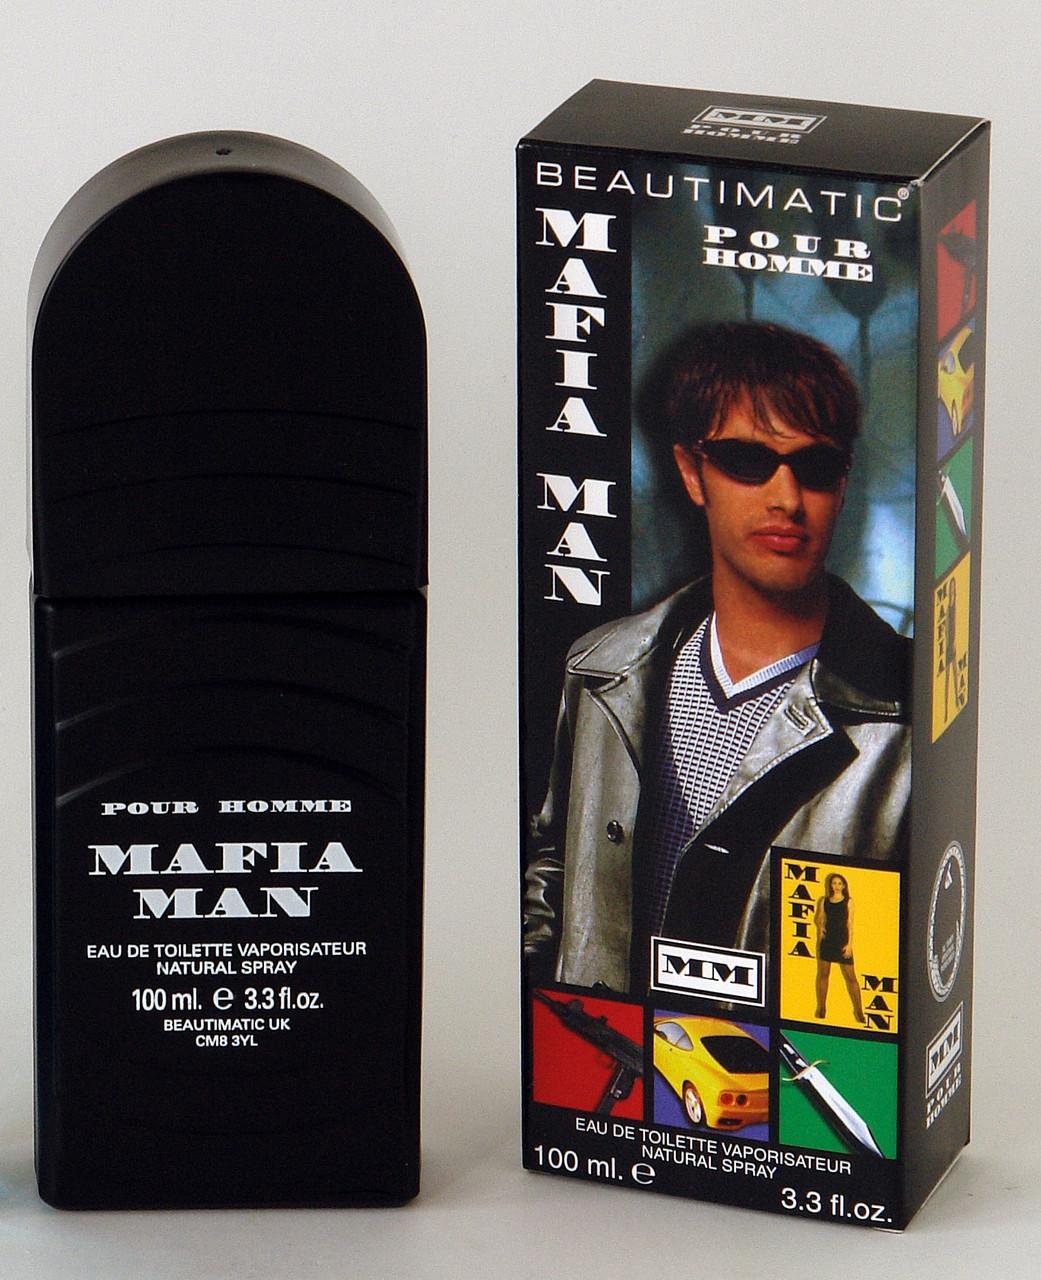 Beautimatic Mafia Man туалетная водя для мужчин 100мл